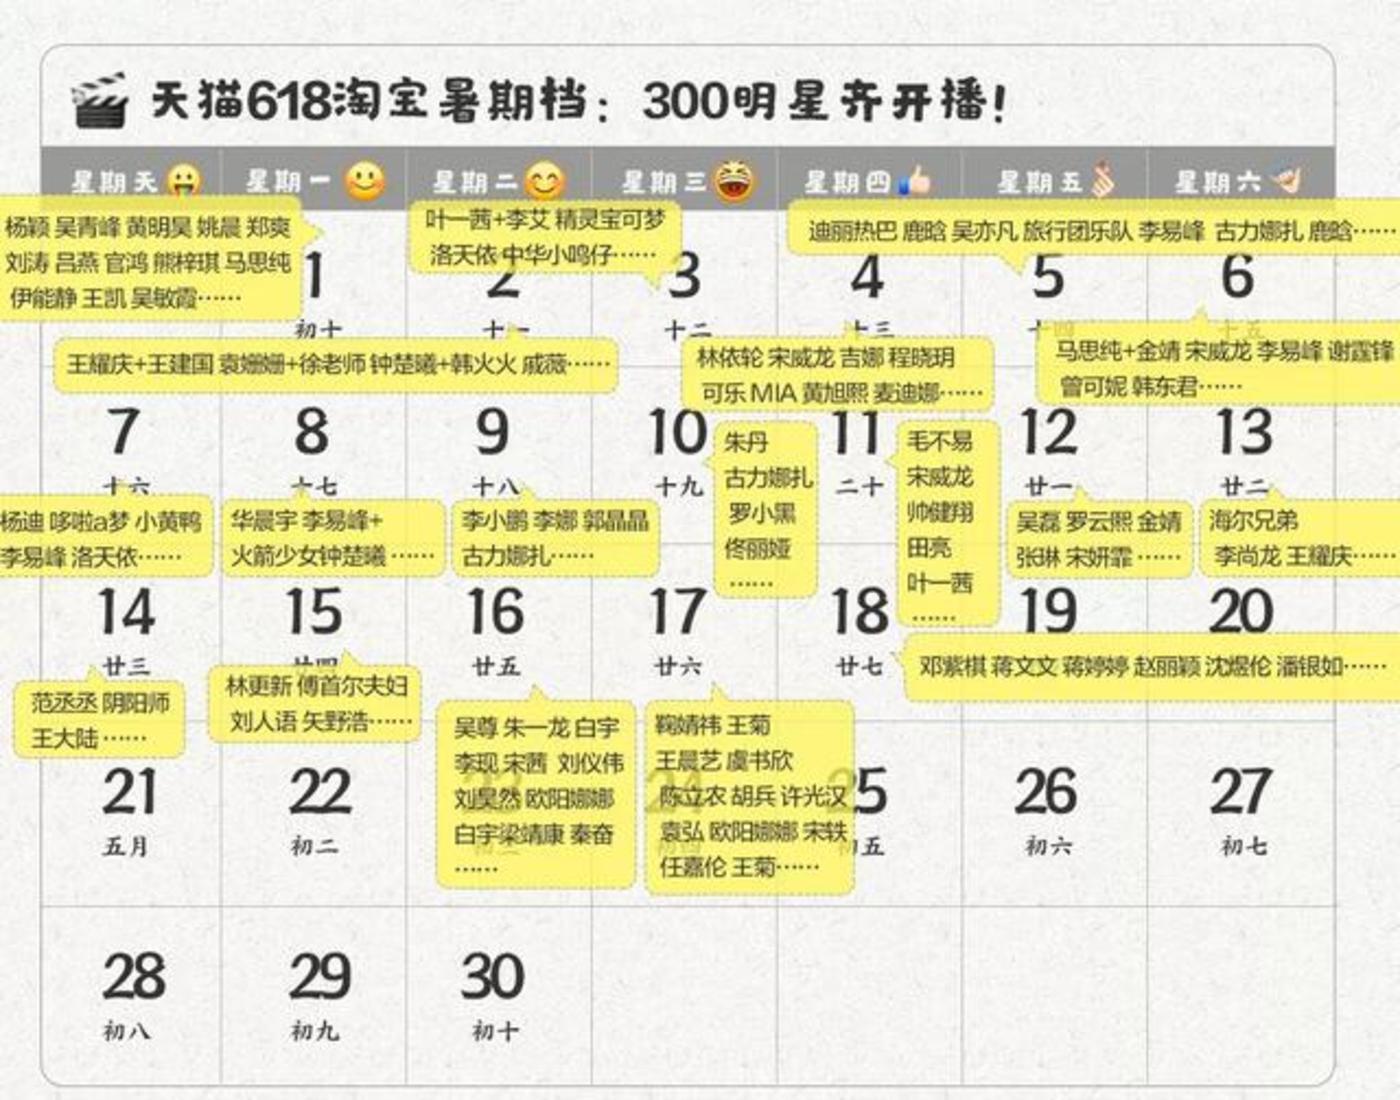 天猫618的明星开播日程表